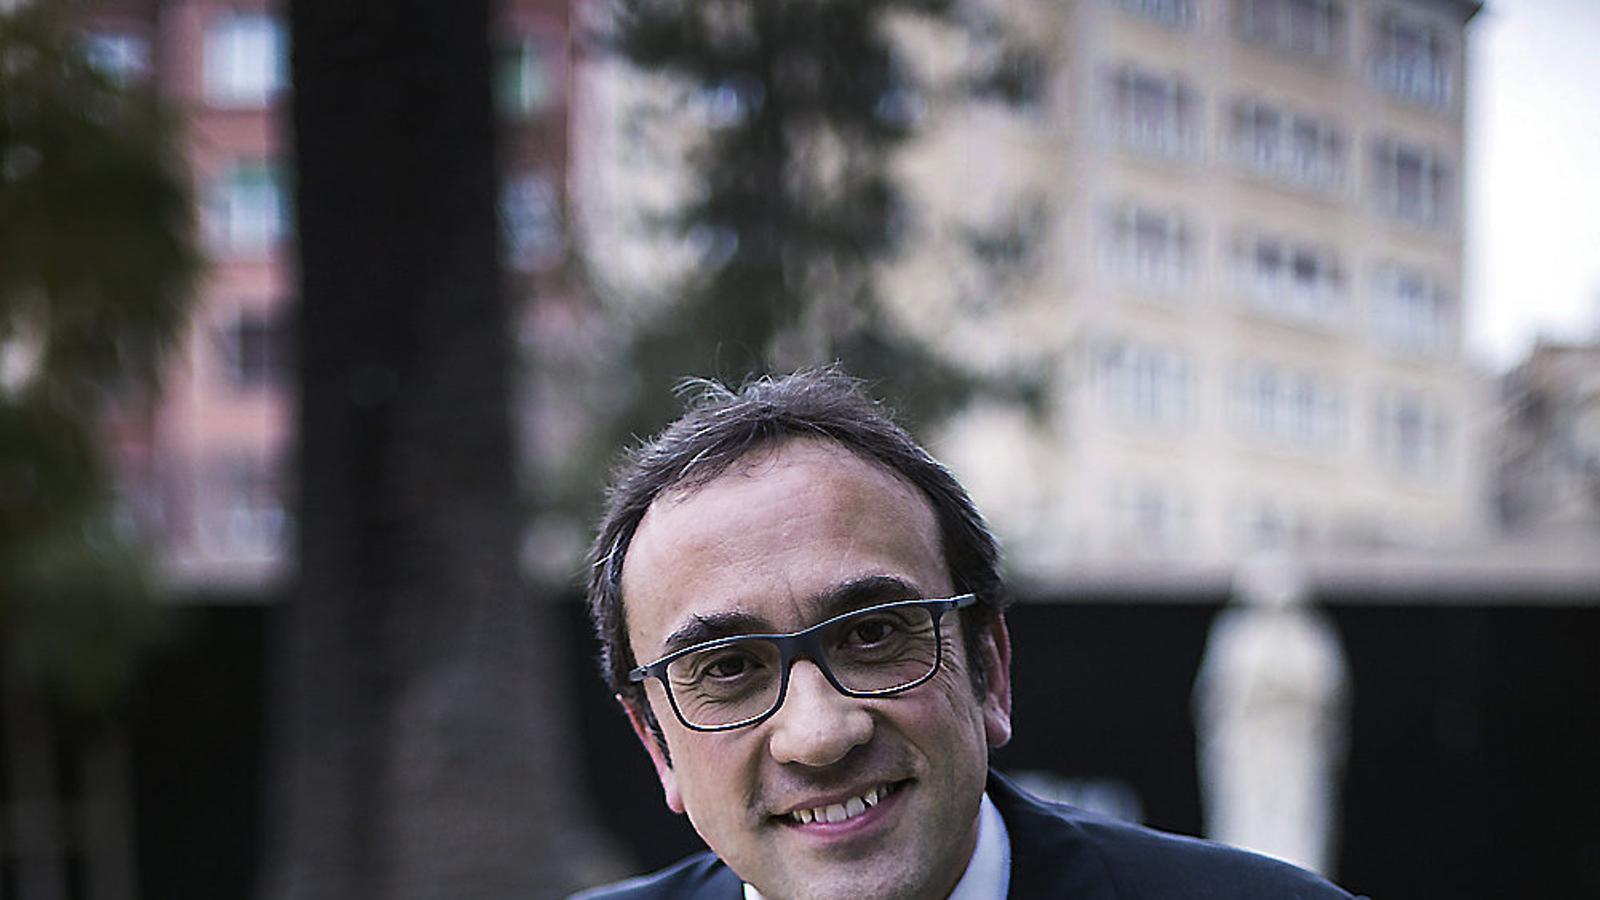 """Josep Rull: """"No té sentit repetir estratègia. Cal buscar el mateix objectiu   per altres camins"""""""